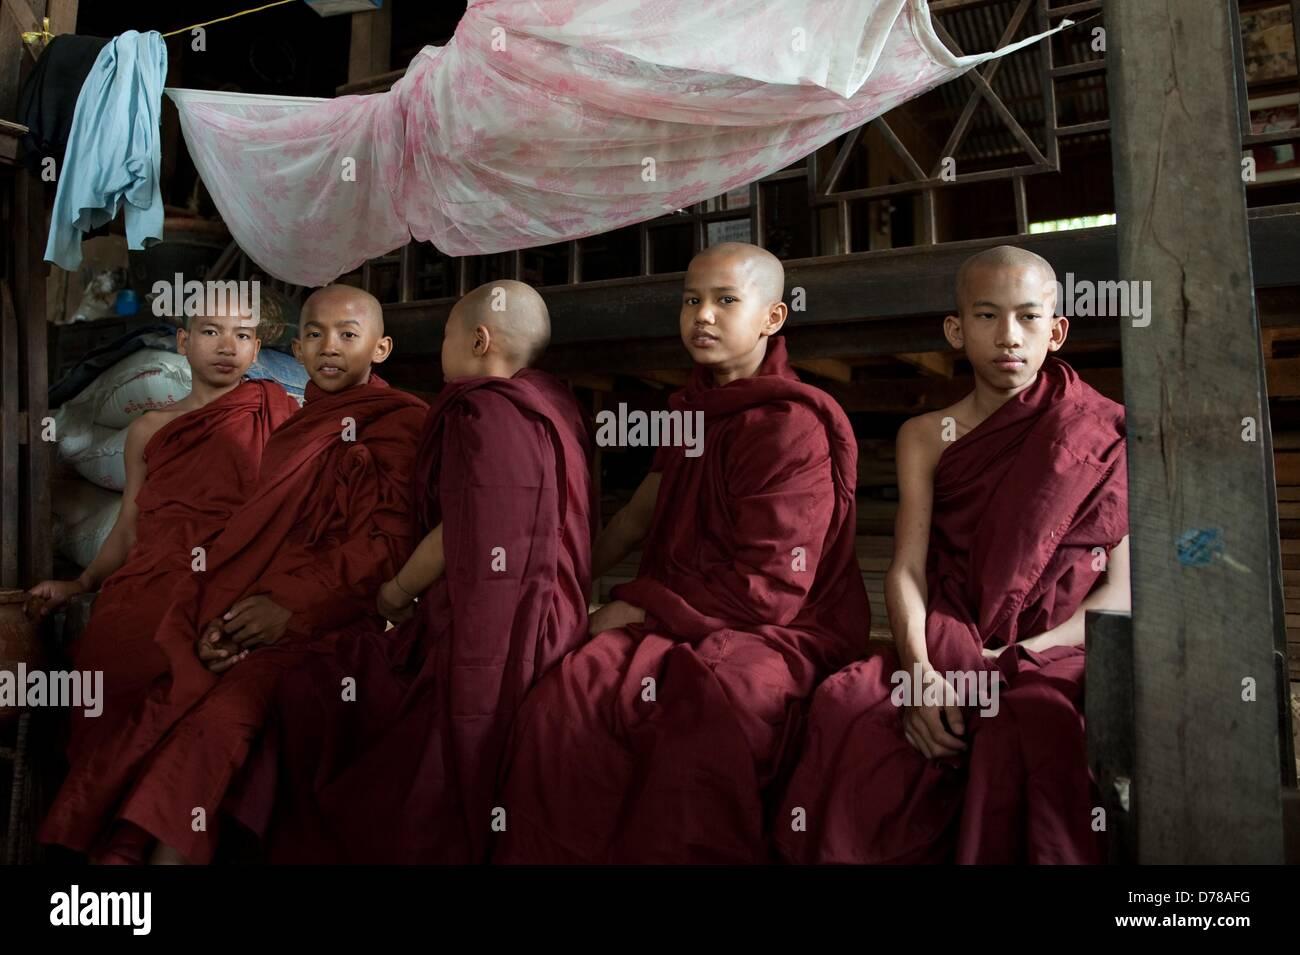 Junge buddhistische Mönche bei einer Speisung am 01.04.2013 in Bagan, Myanmar. Foto: Sebastian Kahnert - Stock Image